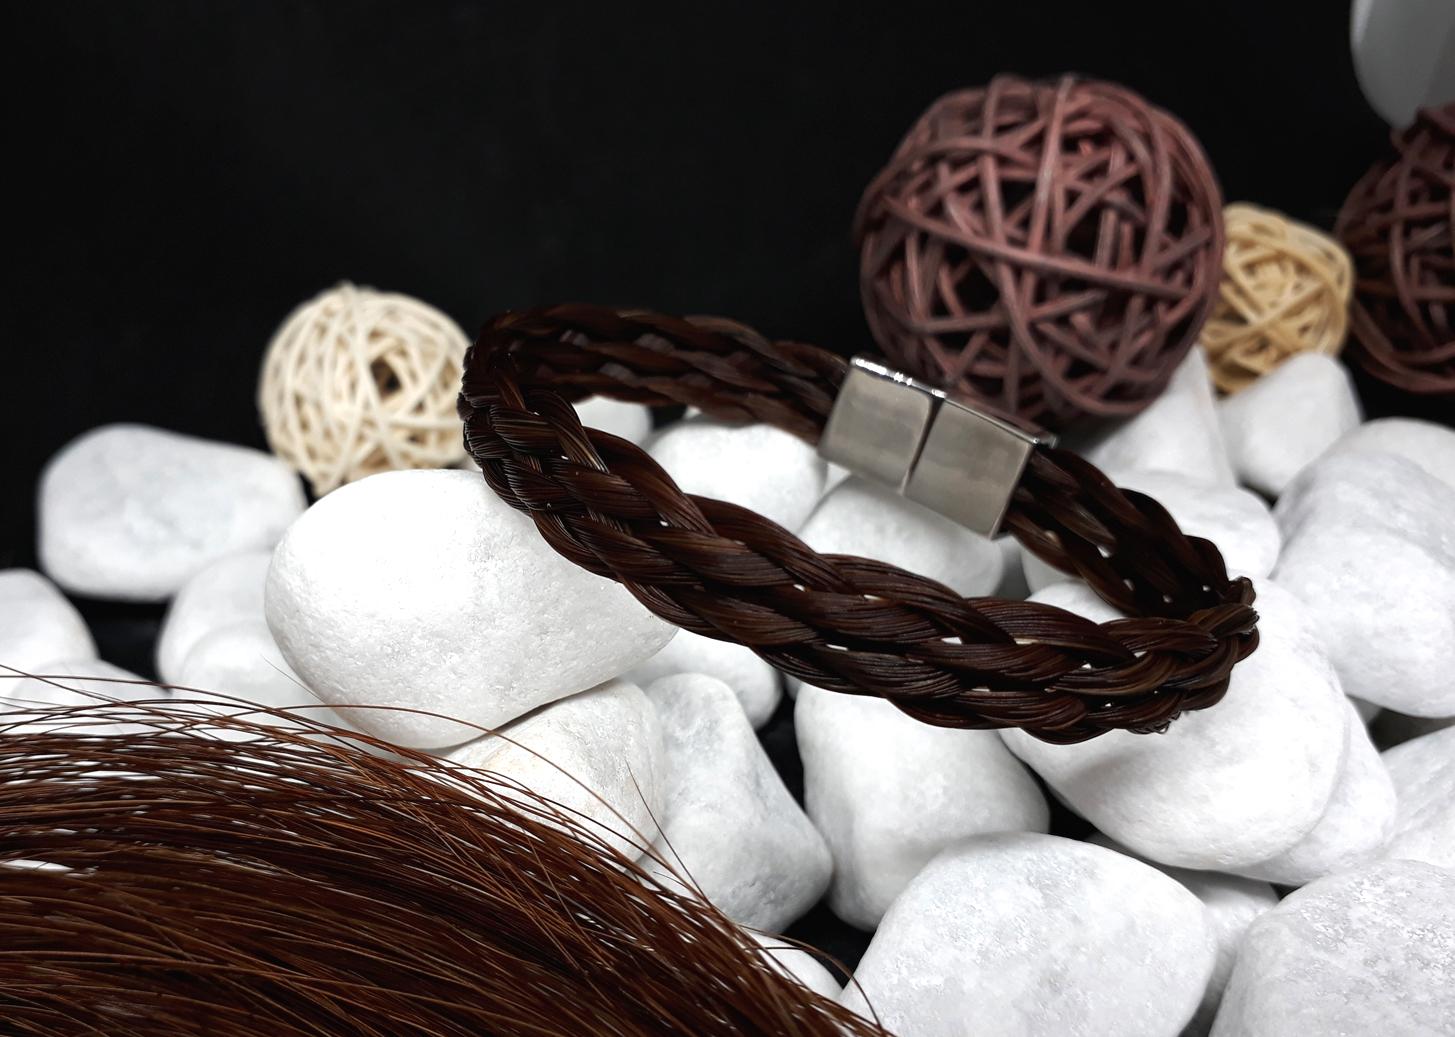 F6-braun: Flach geflochtenes Armband aus 6 dicken braunen Strängen, mit flachem Edelstahl-Magnetverschluss - Preis: 49 Euro